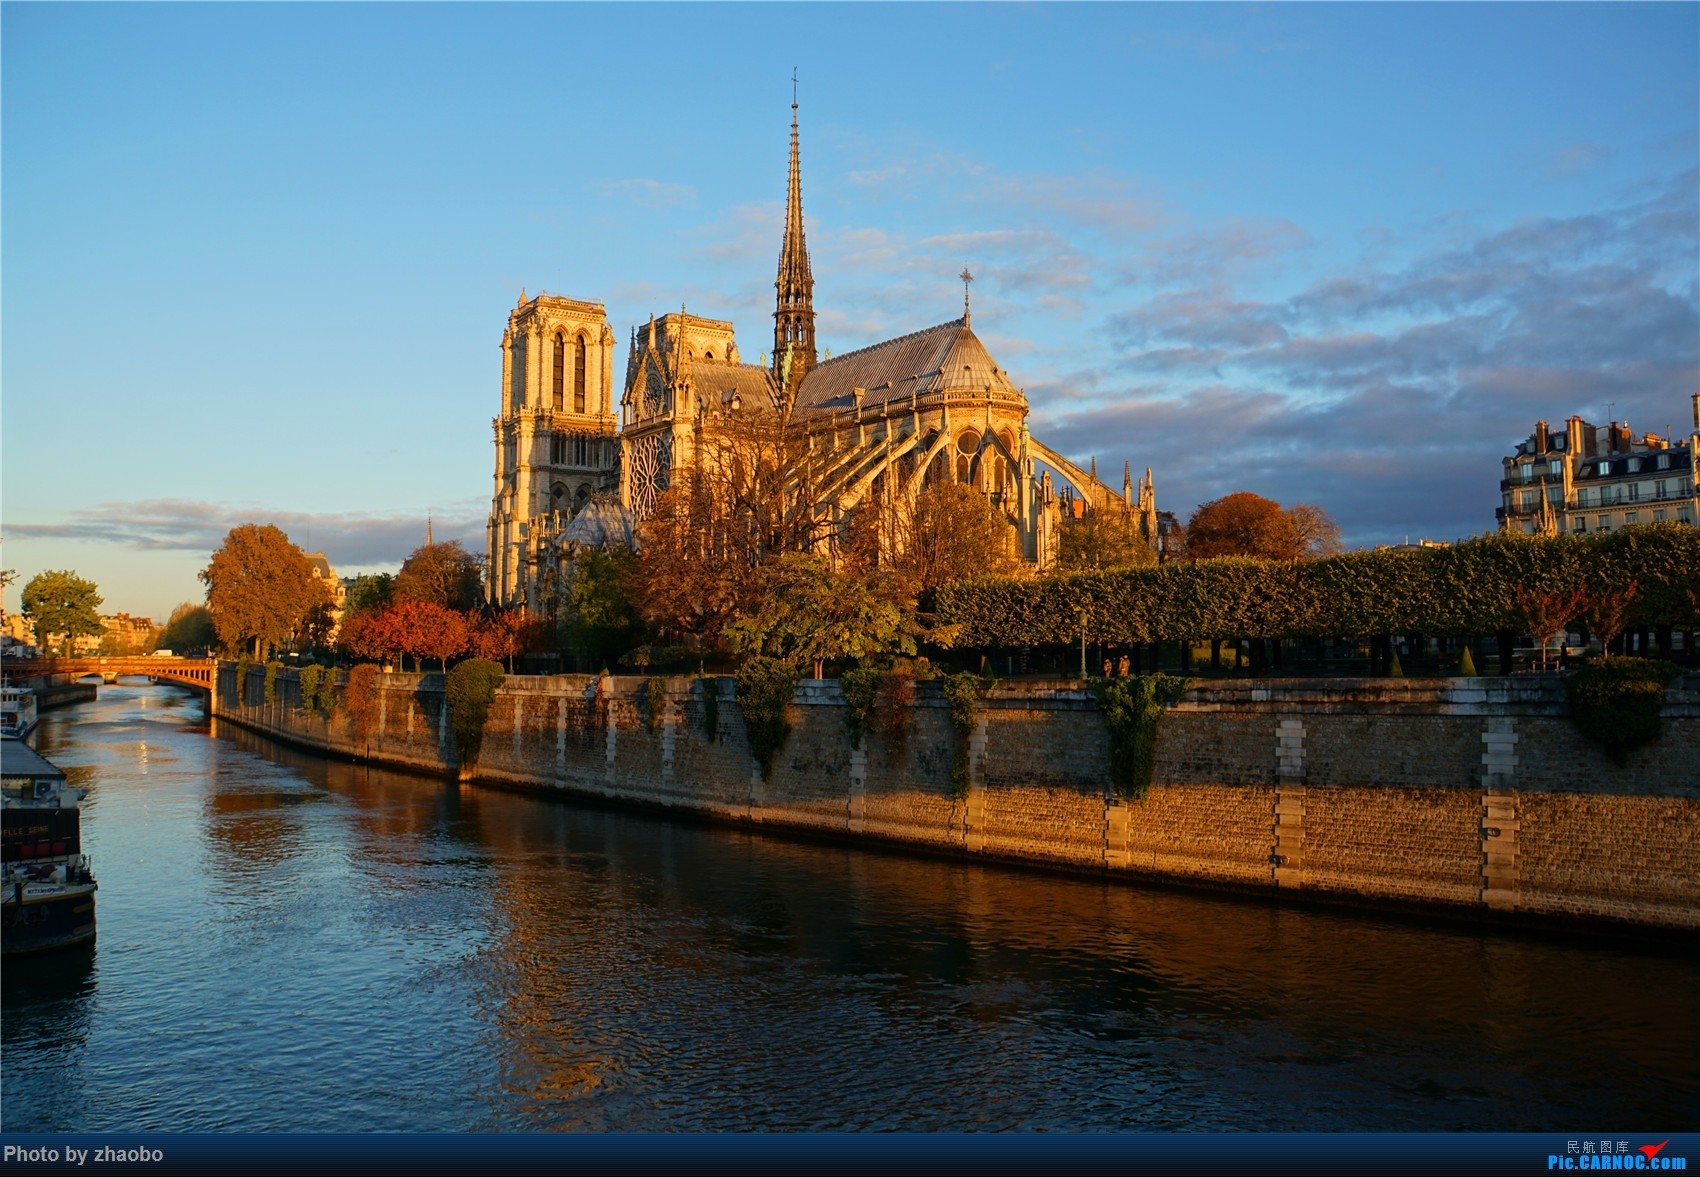 [原创]从北到南游欧洲:东航去国航返,巴黎罗马双城记,感受最宁静的巴黎圣母院和令人震撼的梵蒂冈博物馆